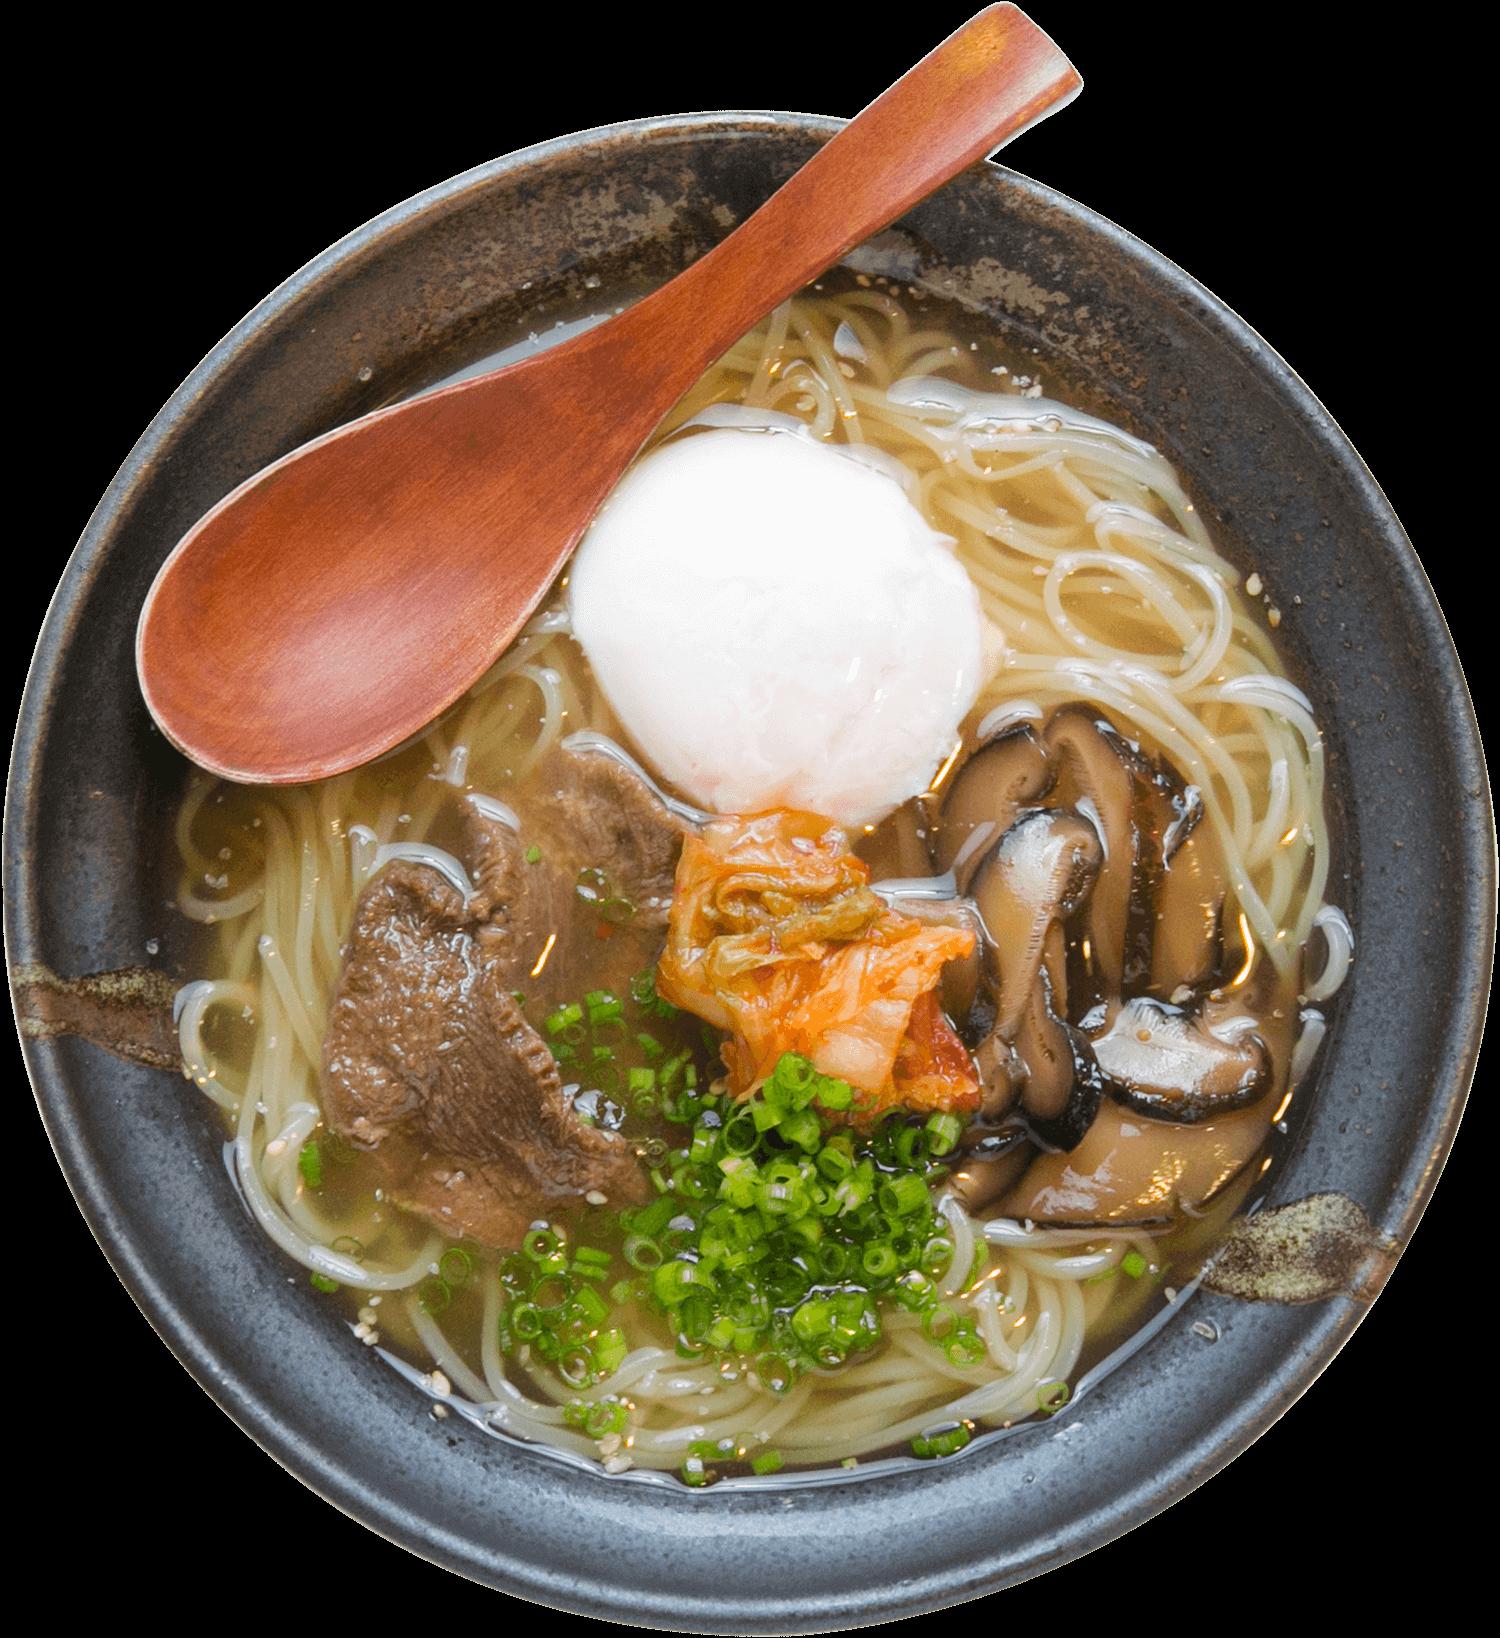 韓国冷麺の写真です。